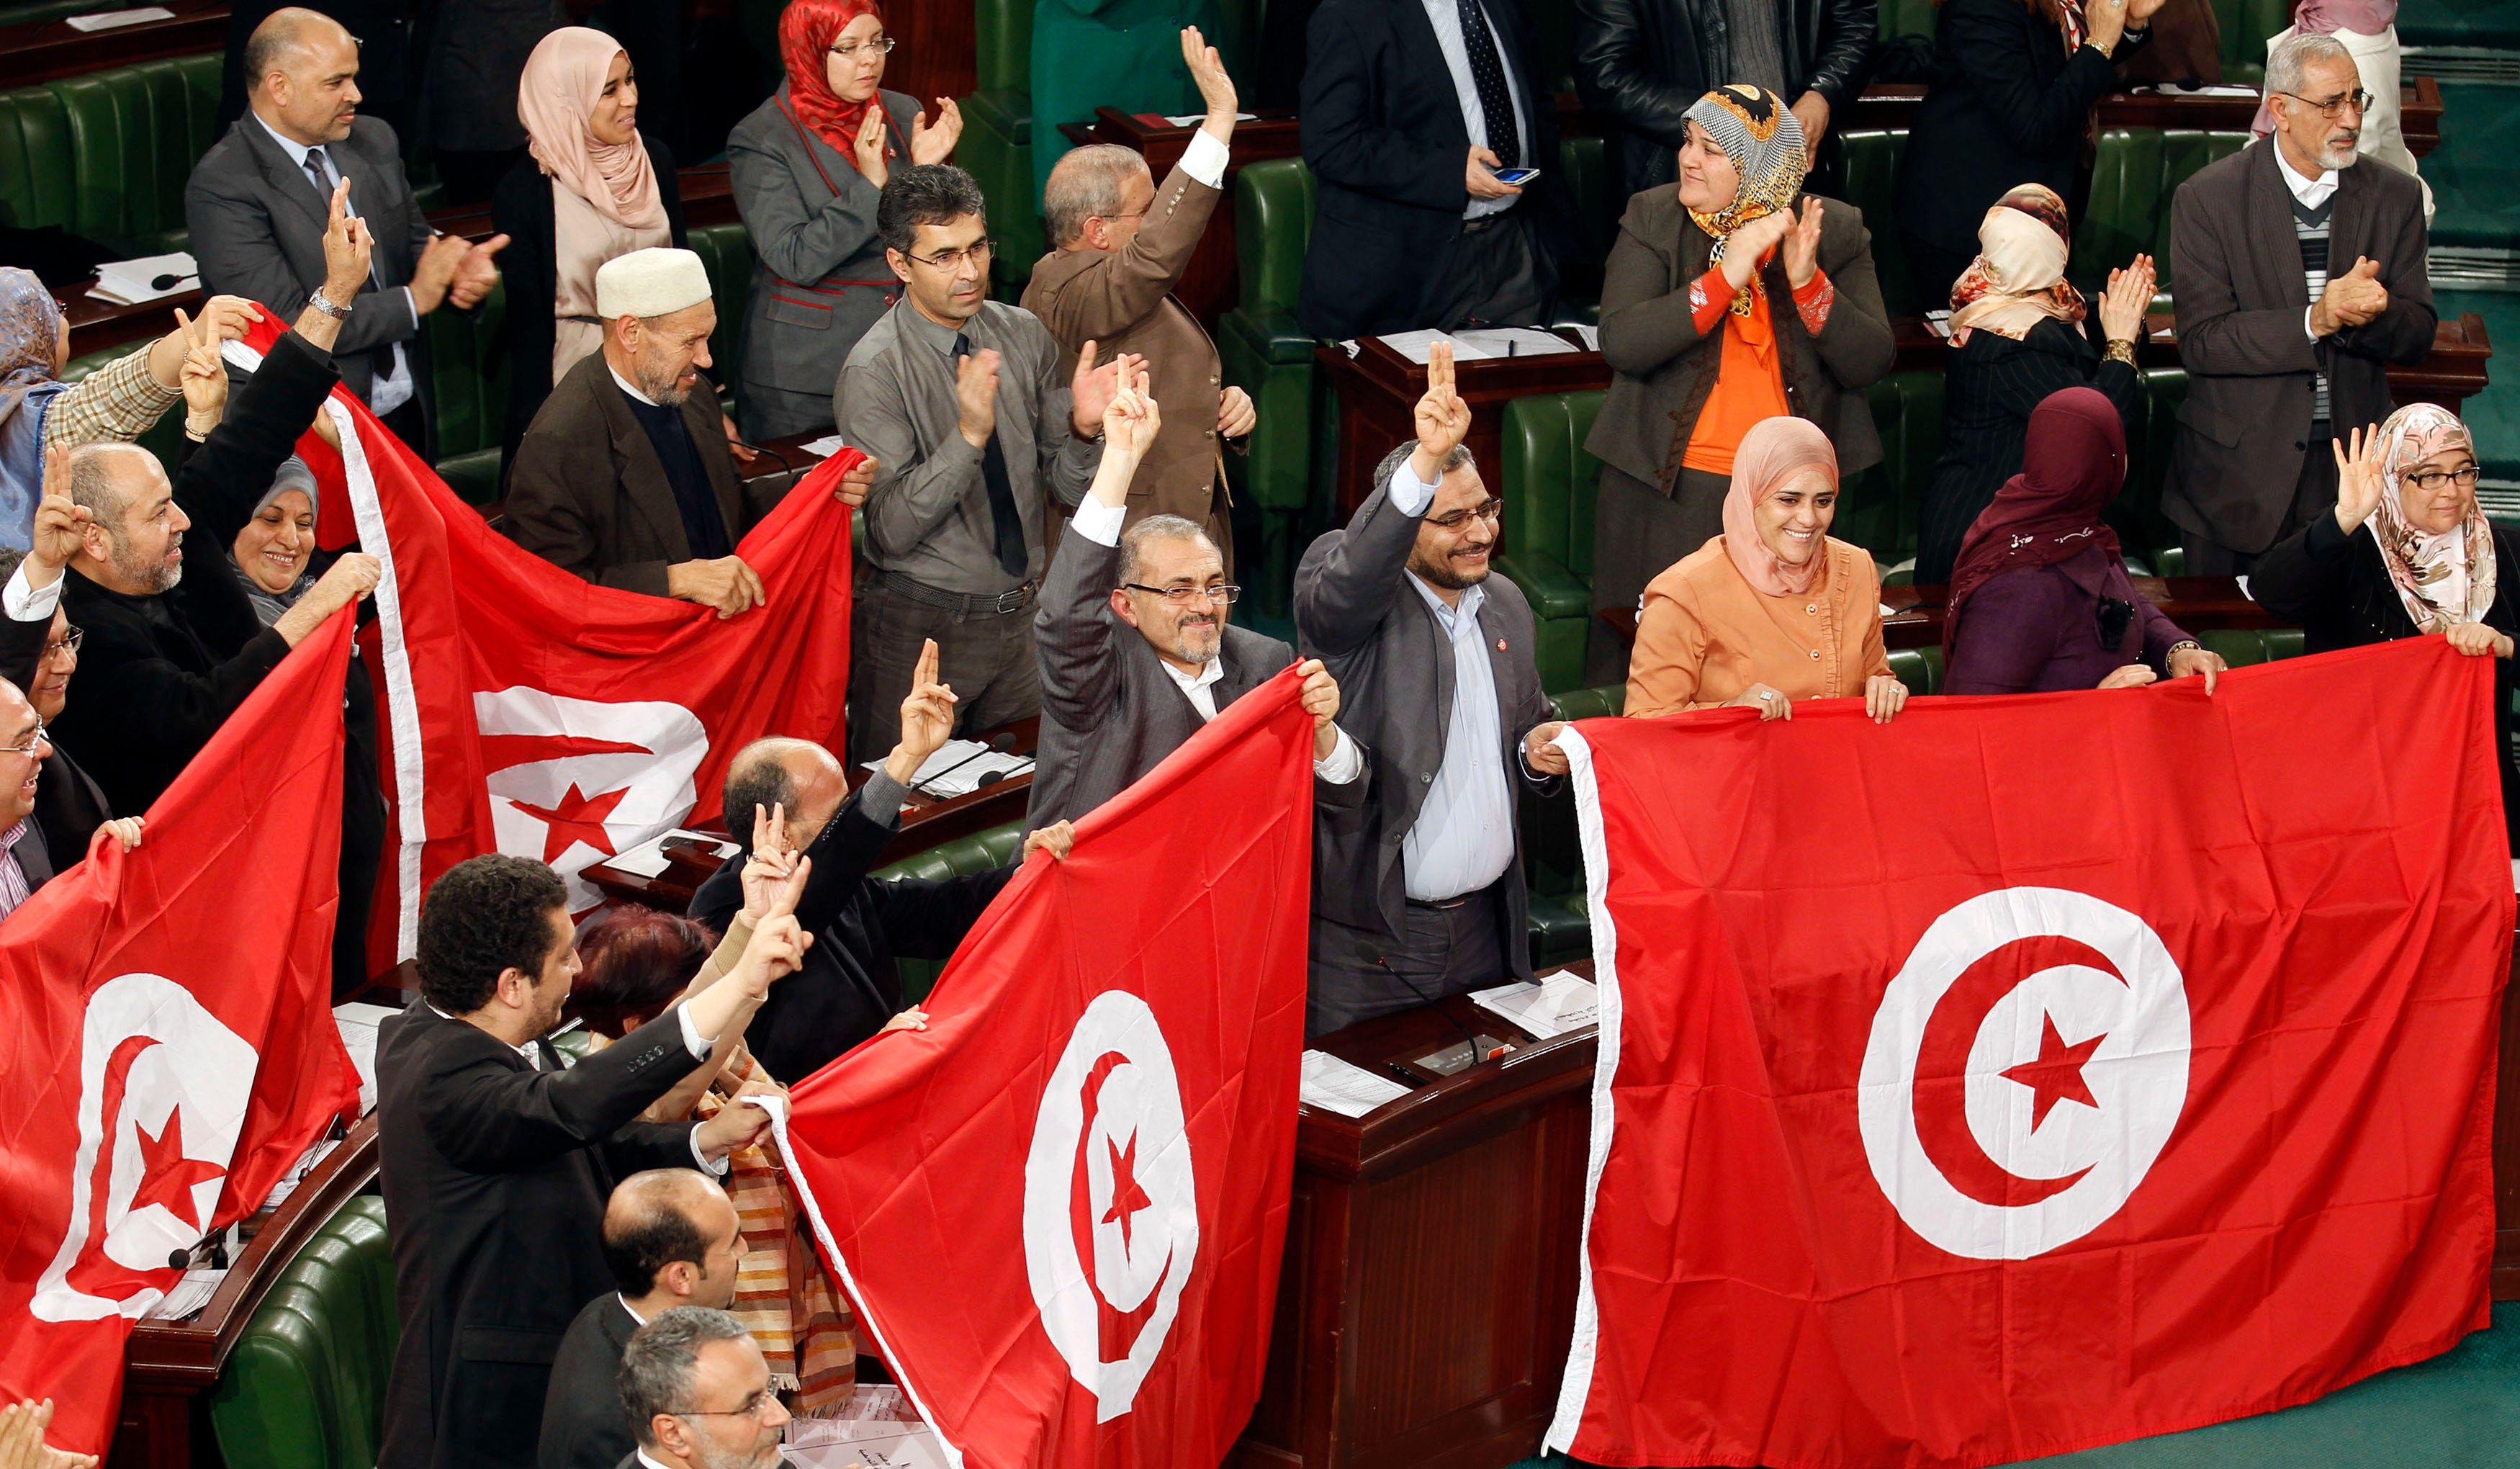 Visite du président Essebsi : le lent retour à une relation franco-tunisienne à la papa